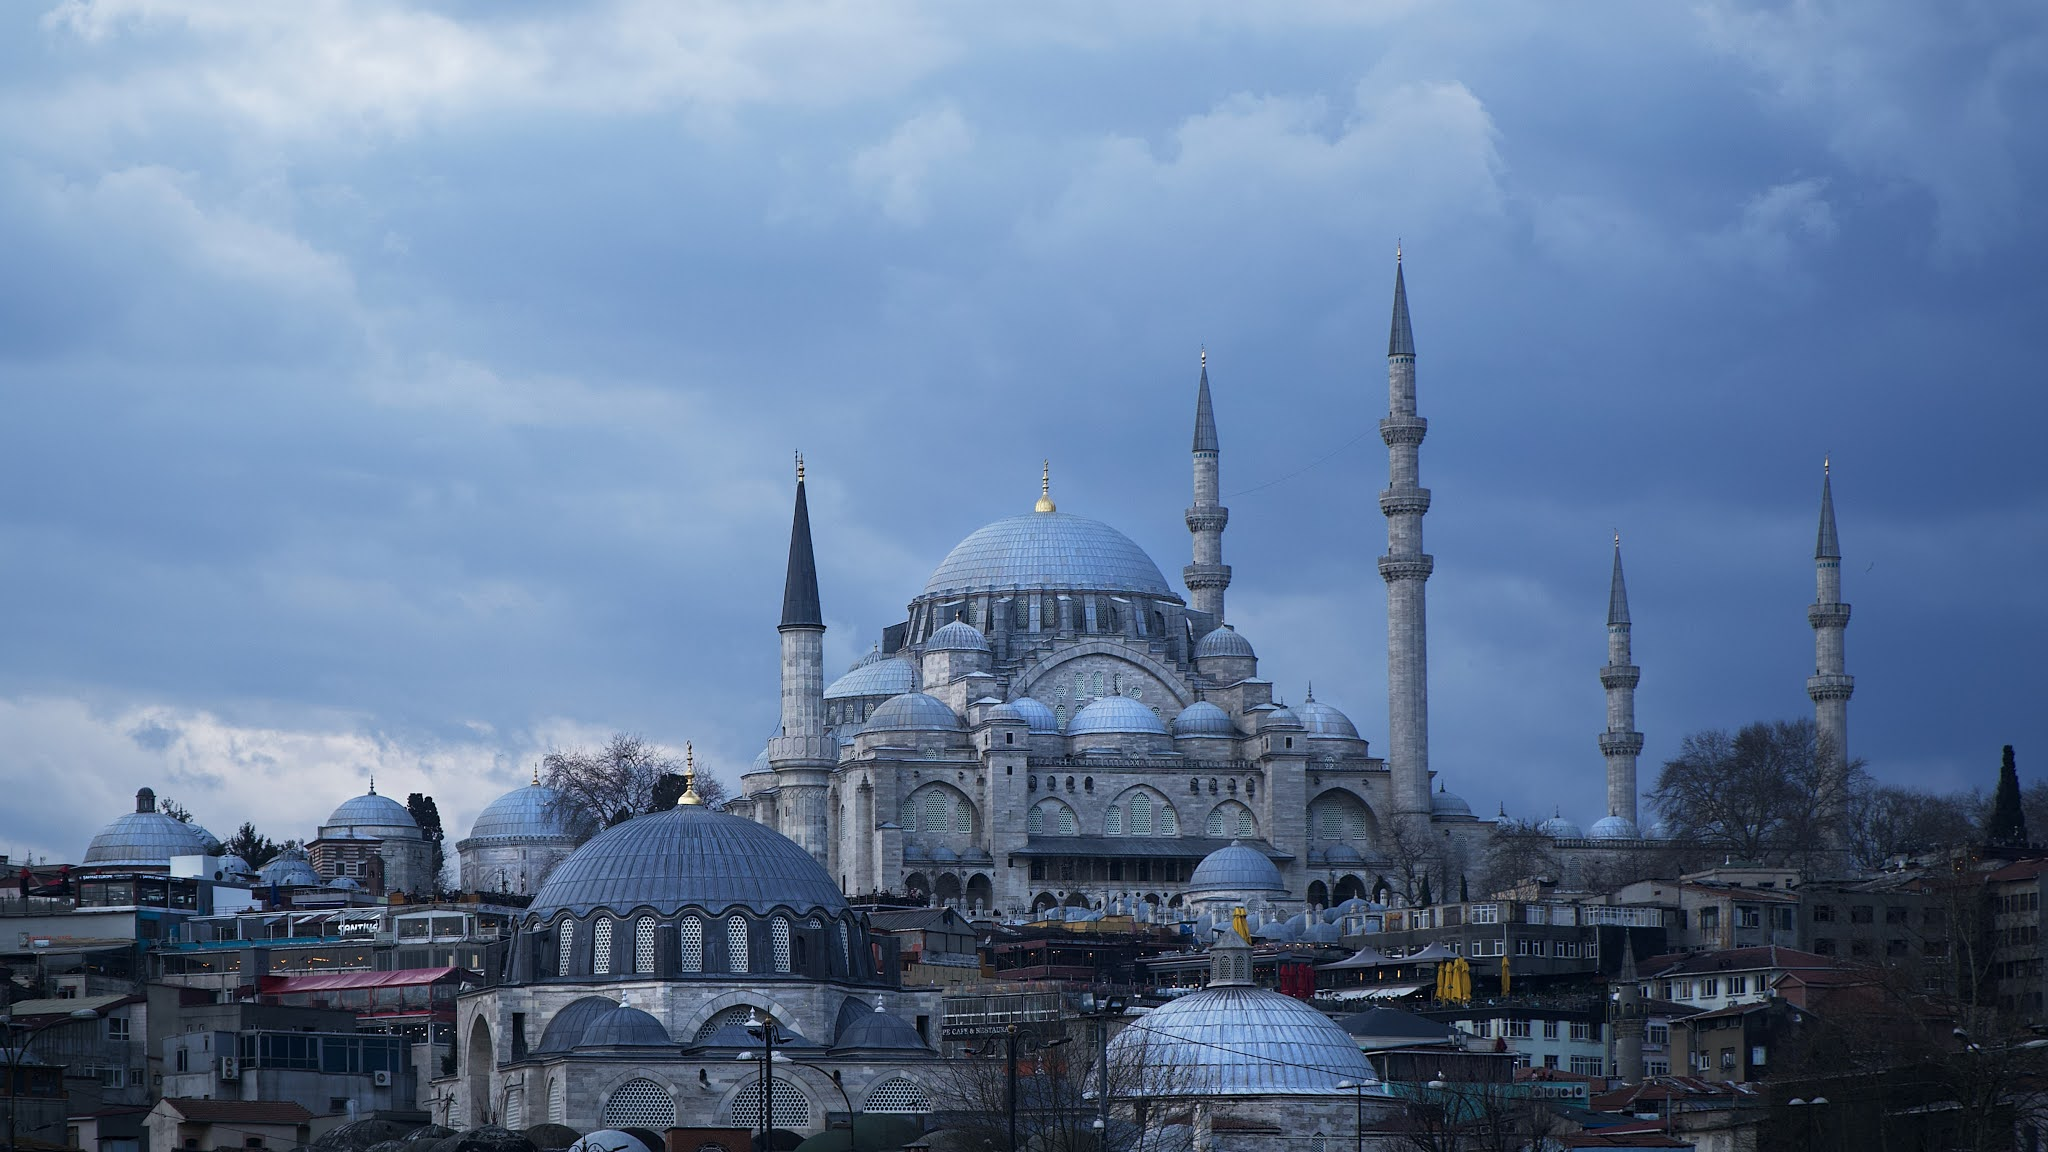 কনস্ট্যান্টিনোপল | ইসলামবুল বা ইস্তাম্বুল | হযরত আবু আইয়ুব আল আনসারি (রাঃ)